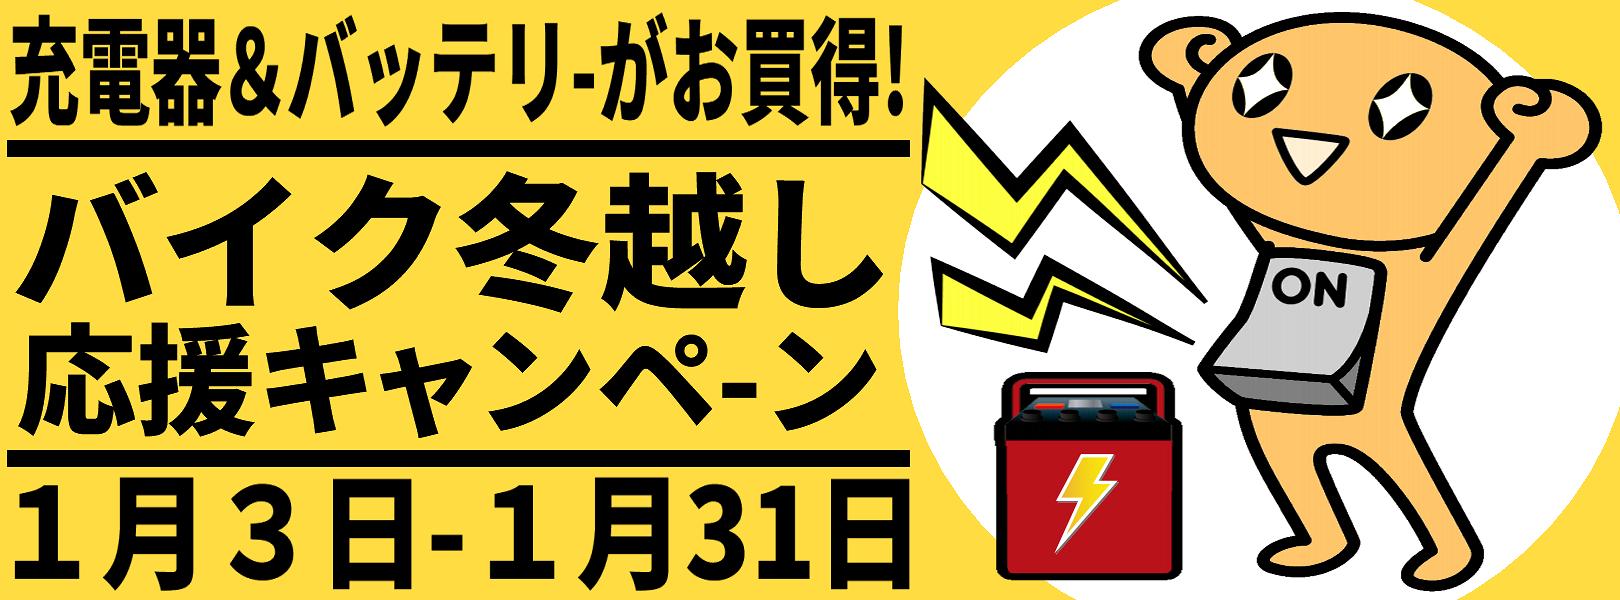 高松店のみ2月15日(月)は臨時休業させていただきます_b0163075_16334846.png